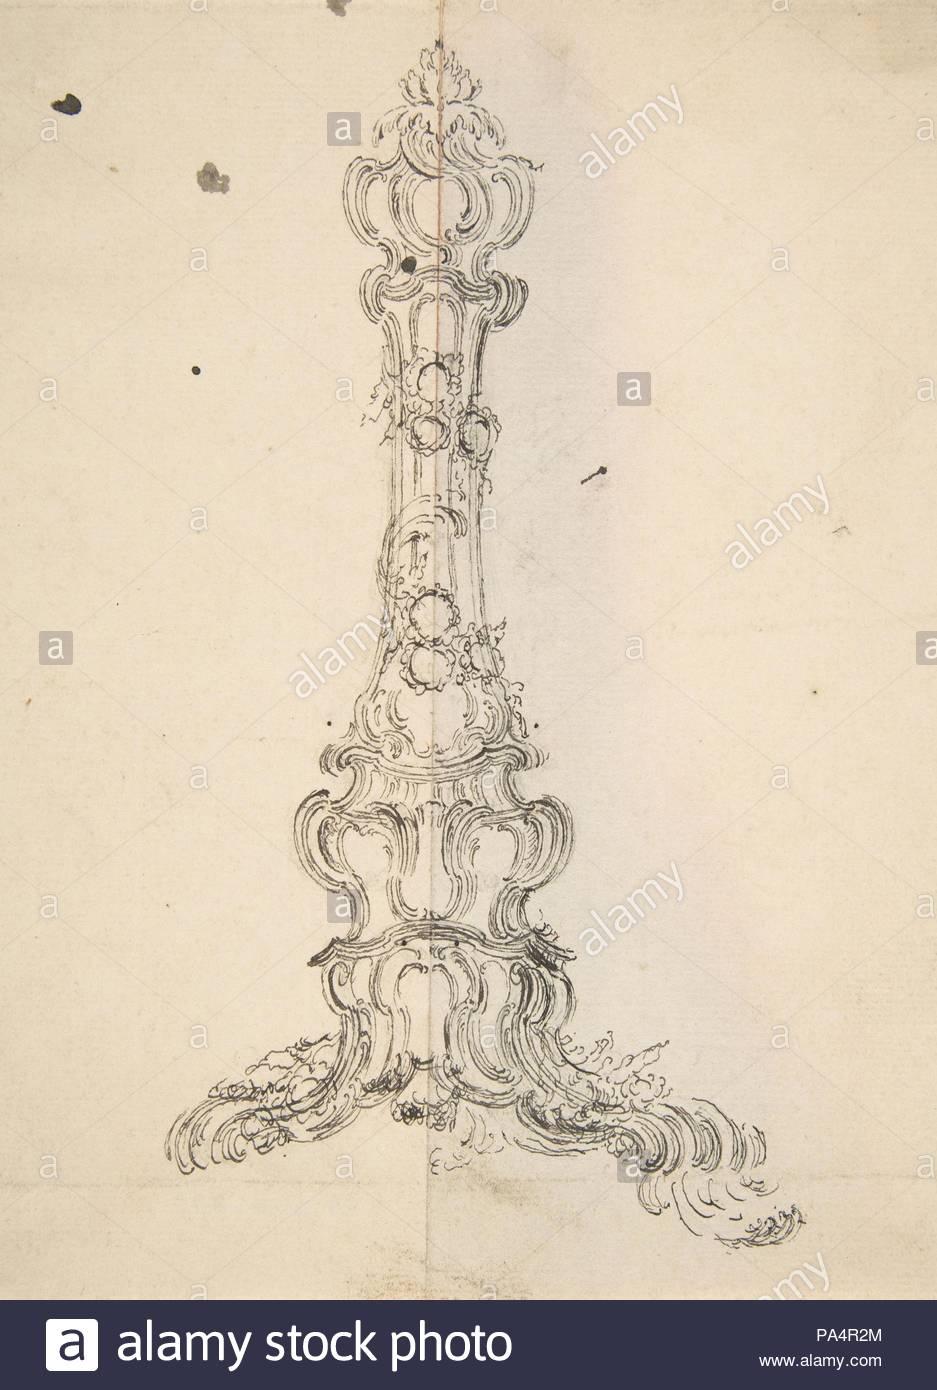 Design für einen Leuchter, 18. Jahrhundert, Pen und schwarze Tinte auf Papier, Blatt: 7 11/16 x 5 11/16 in. (19,5 x 14,4 cm), Zeichnungen, Anonym, Französisch, 18. Stockbild